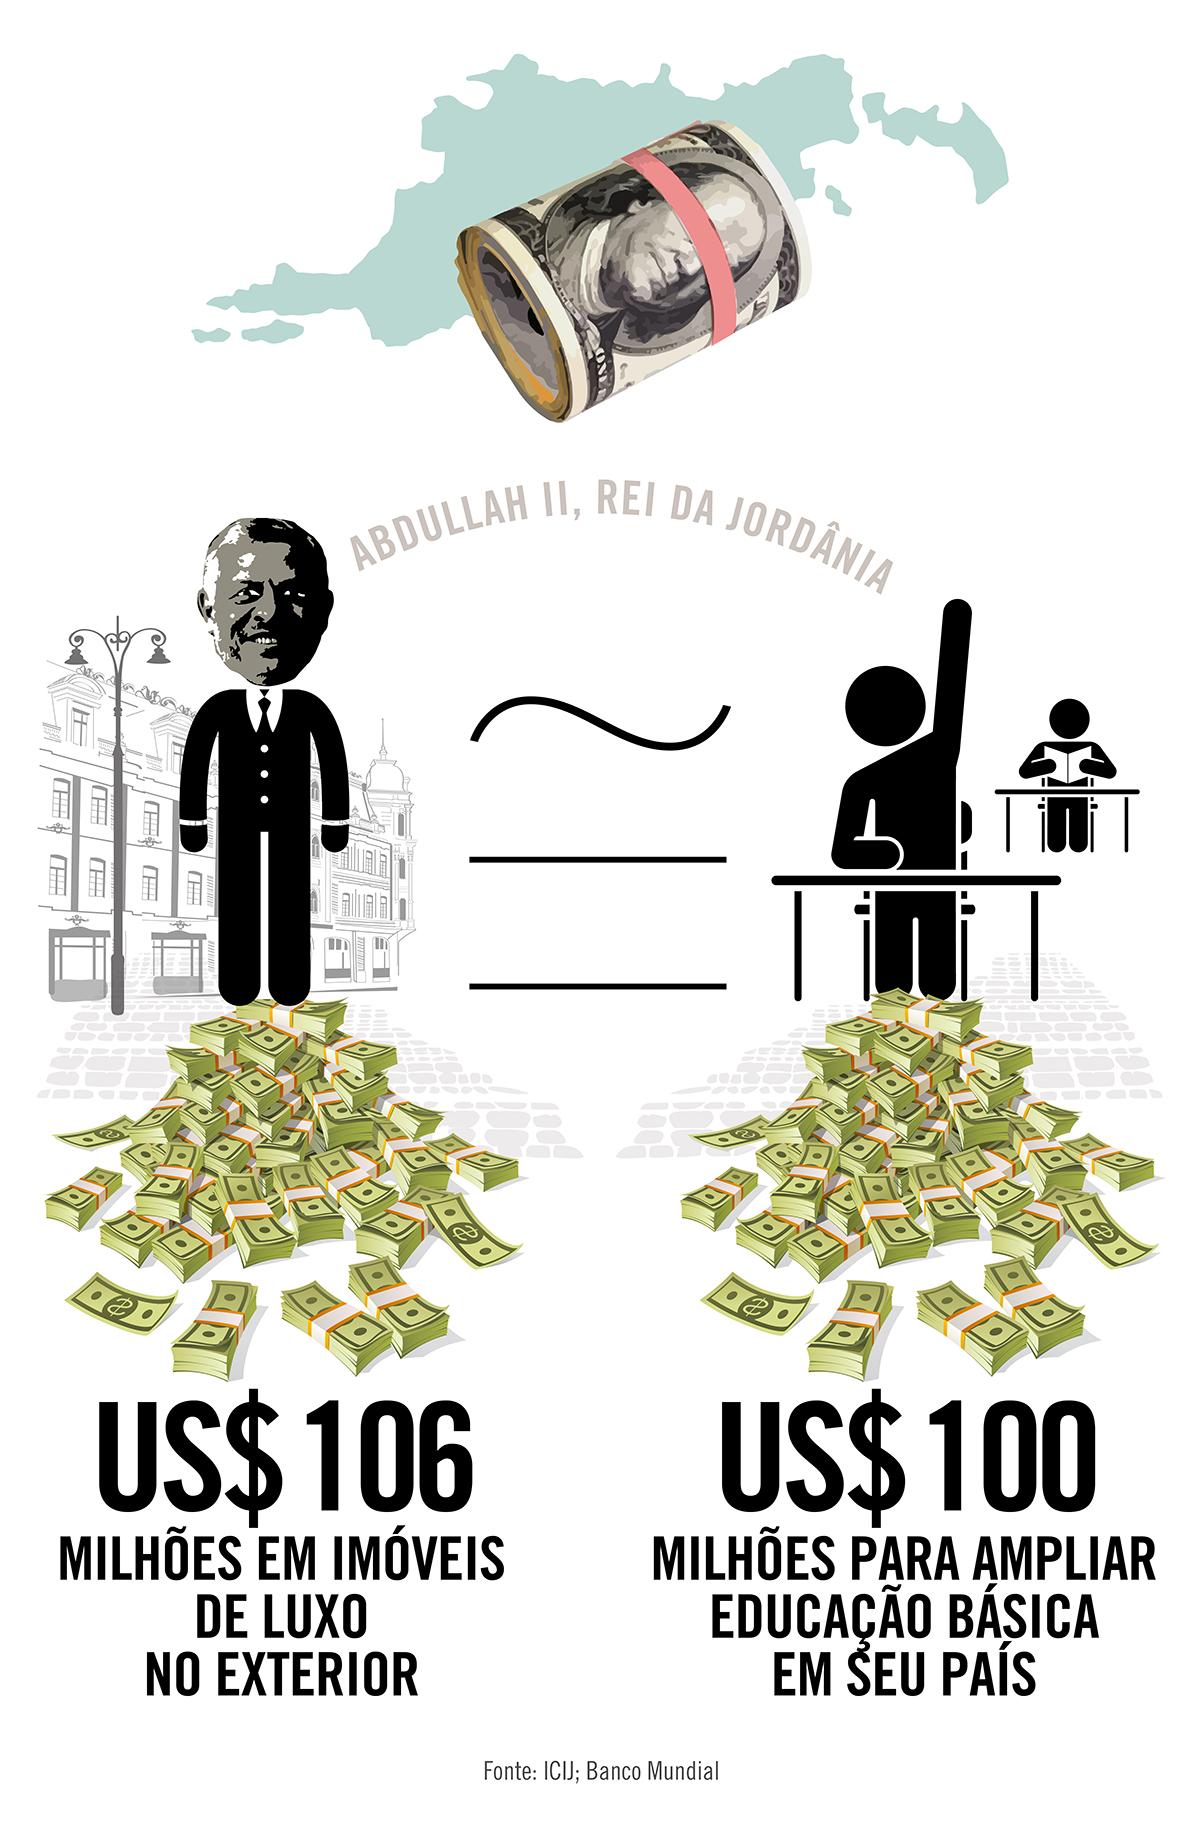 As offshores milionárias do rei da Jordânia